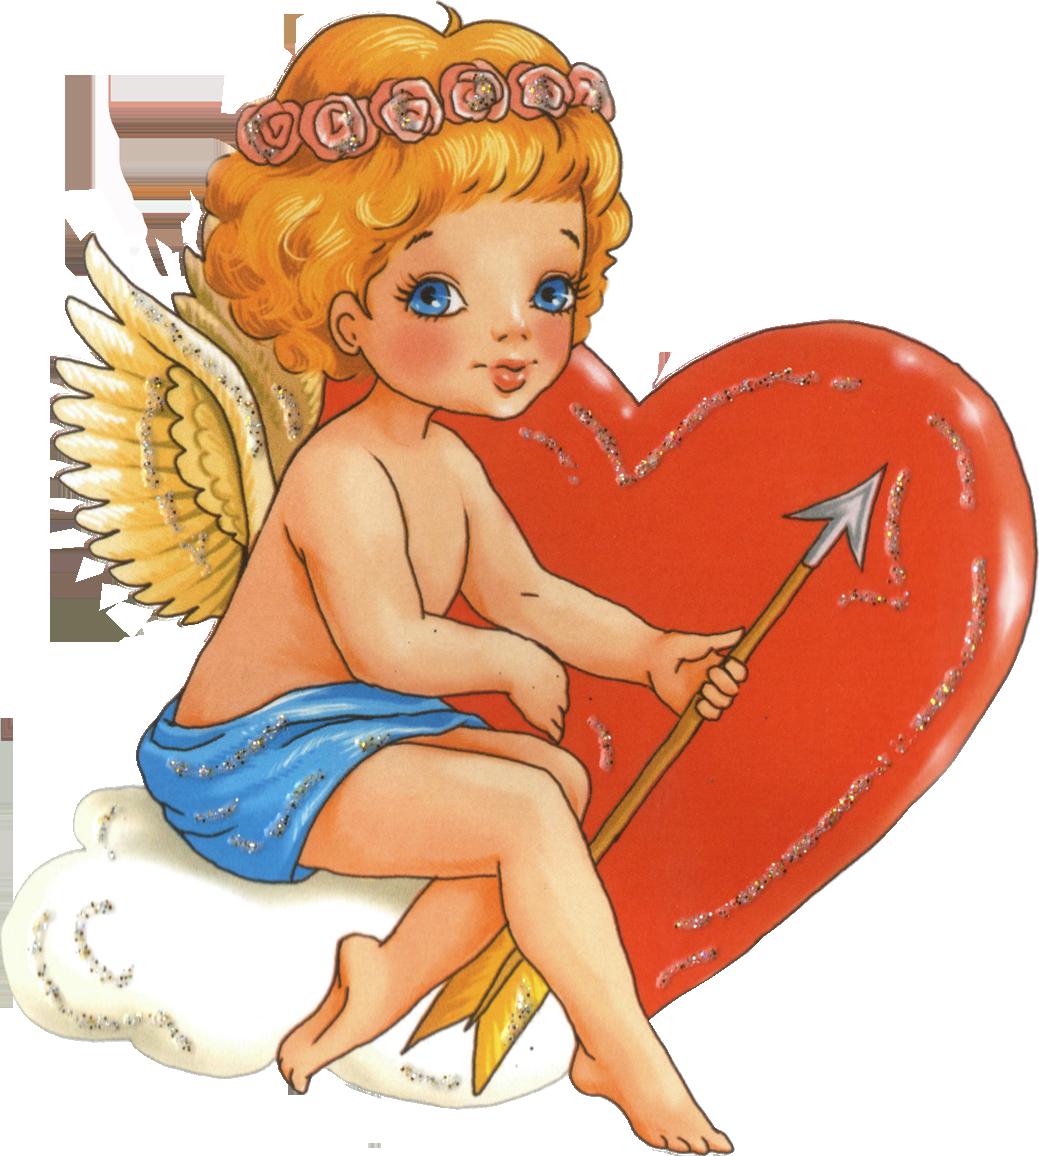 подать картинки персонажей святого валентина даже заметили округлившийся